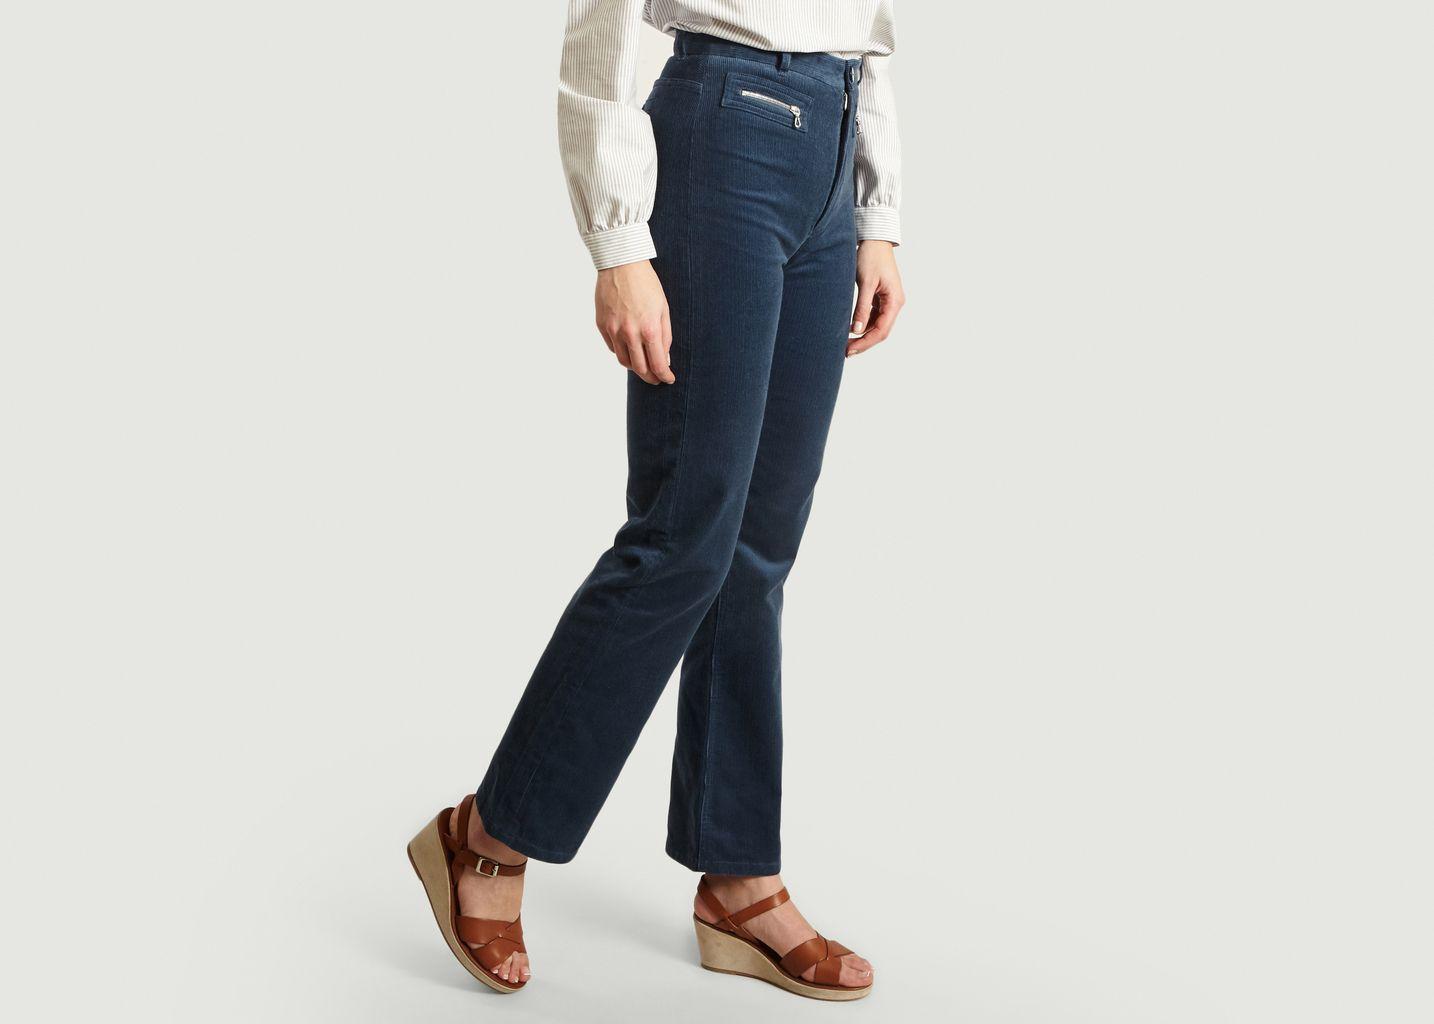 Pantalon Newport - A.P.C.